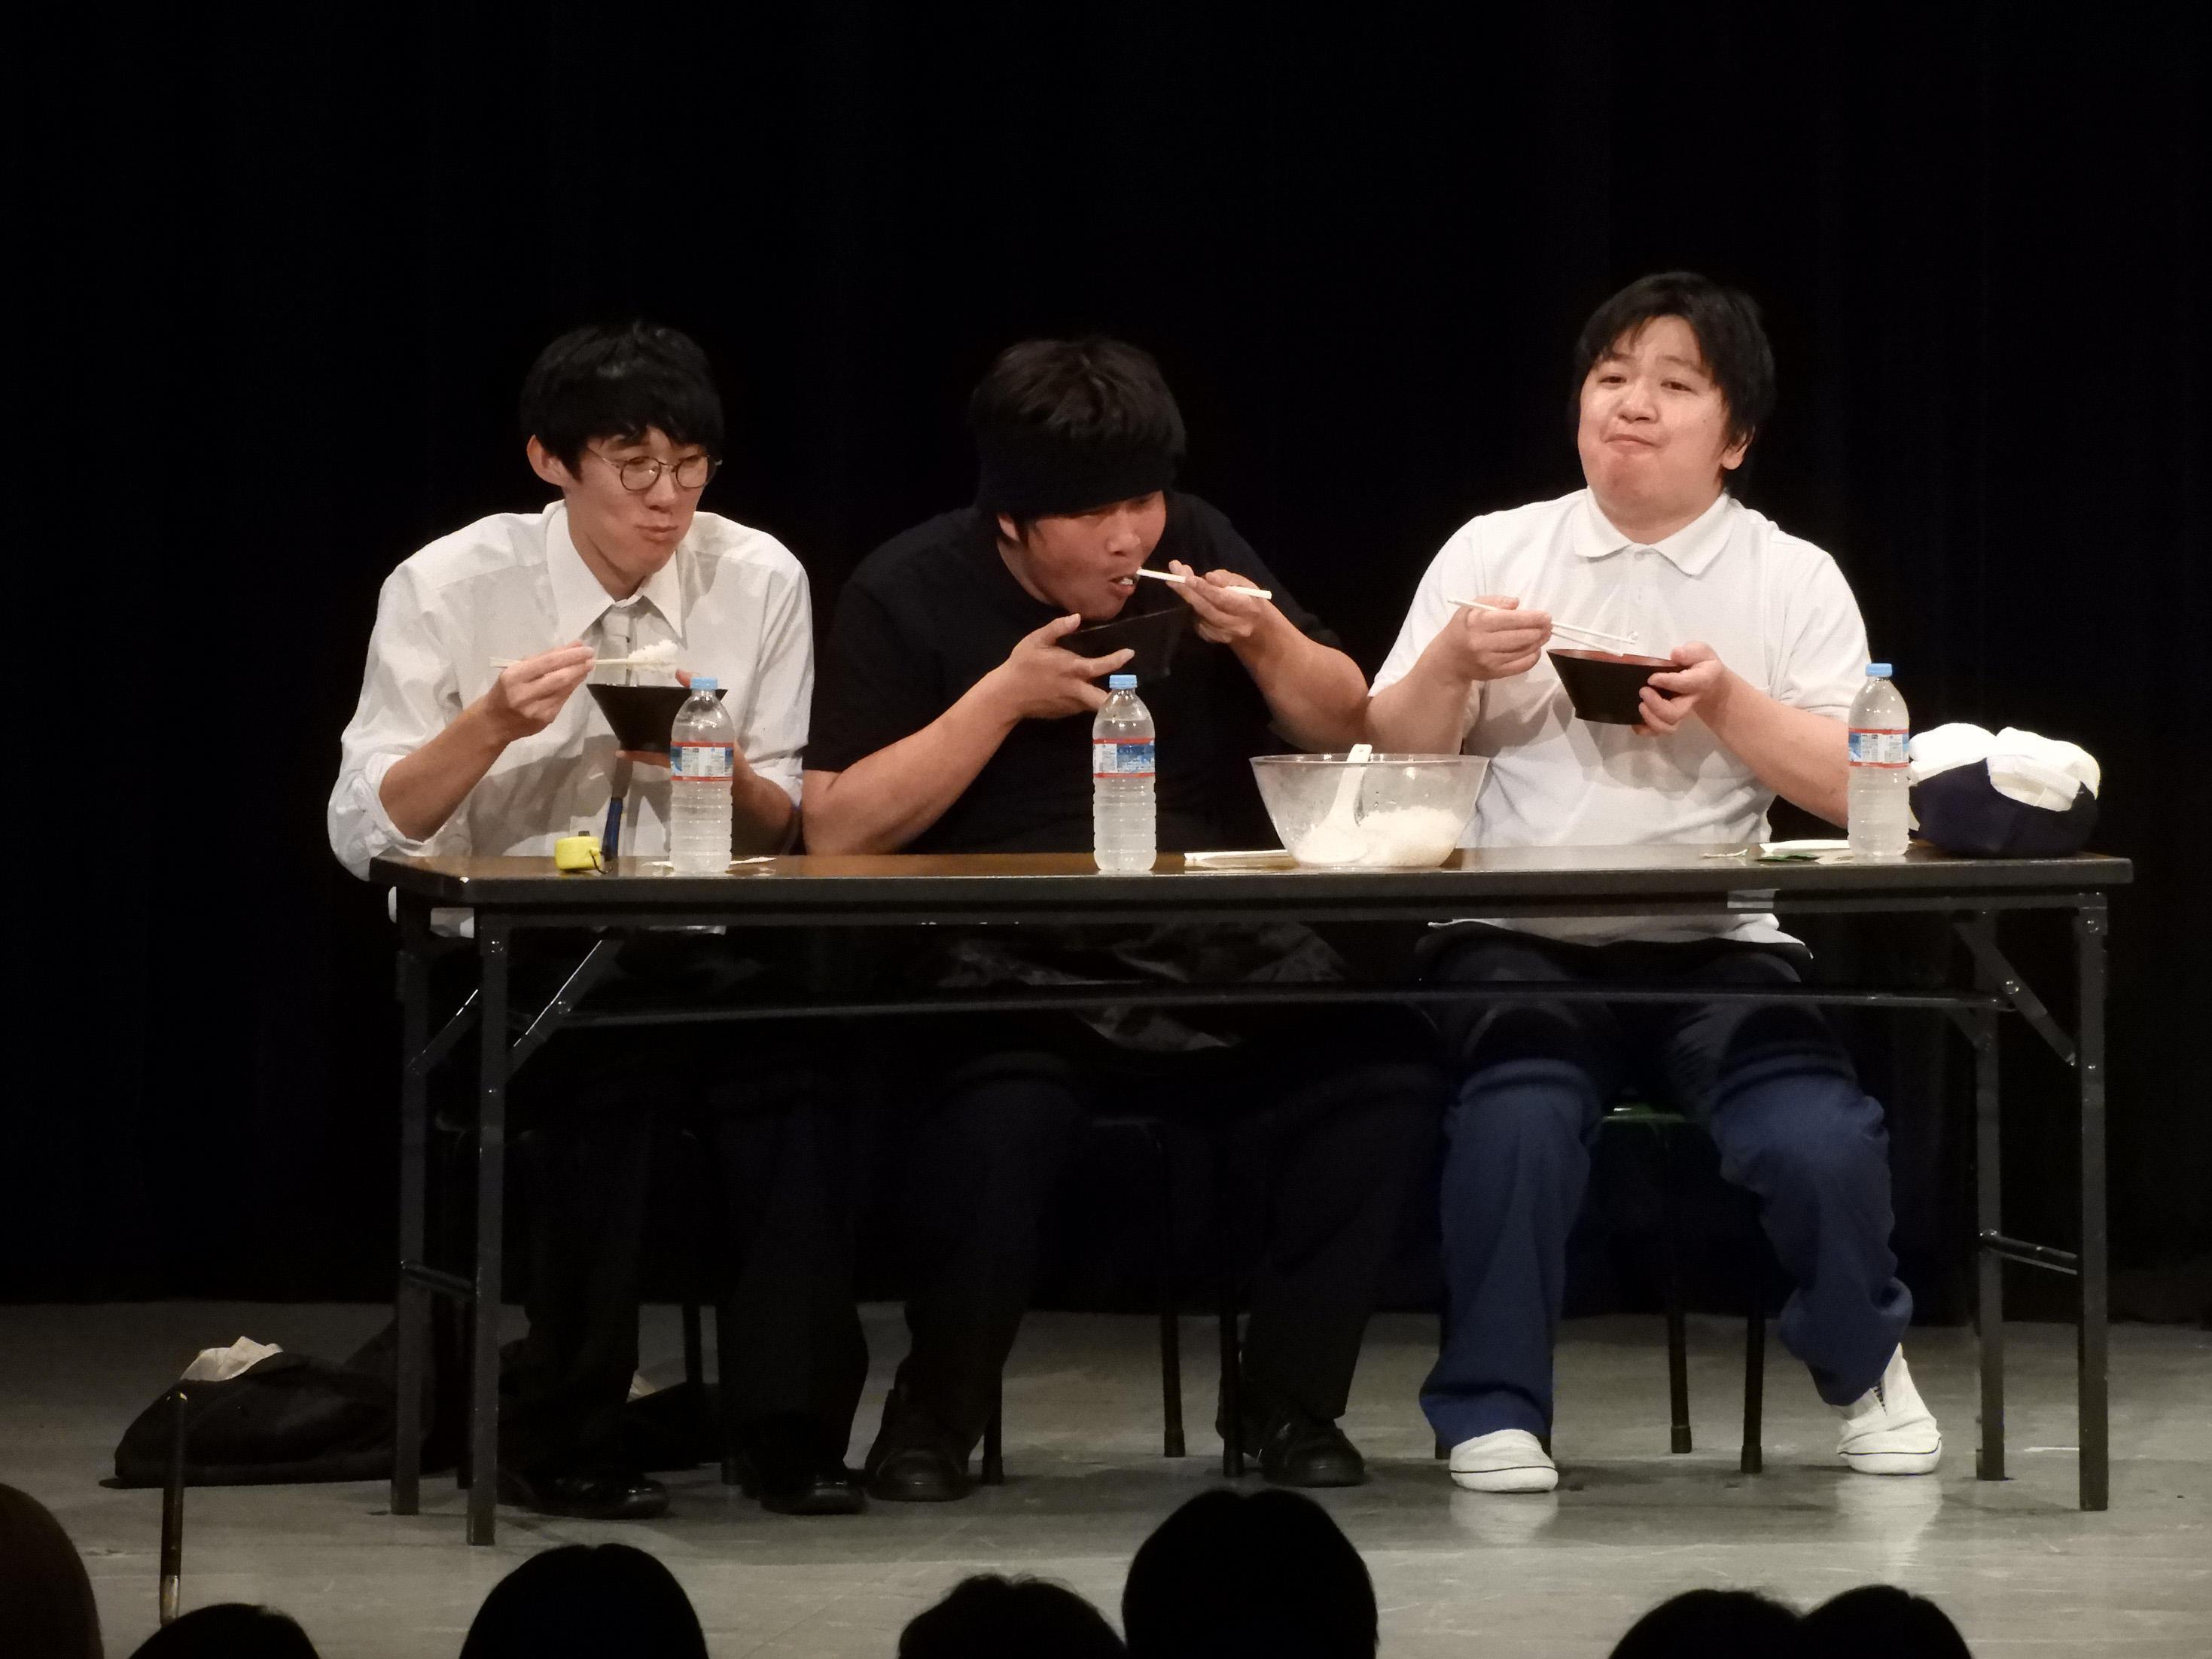 http://news.yoshimoto.co.jp/20180619144403-b892676a197ef652e94cc7e1a0502fc31e89fd53.jpg